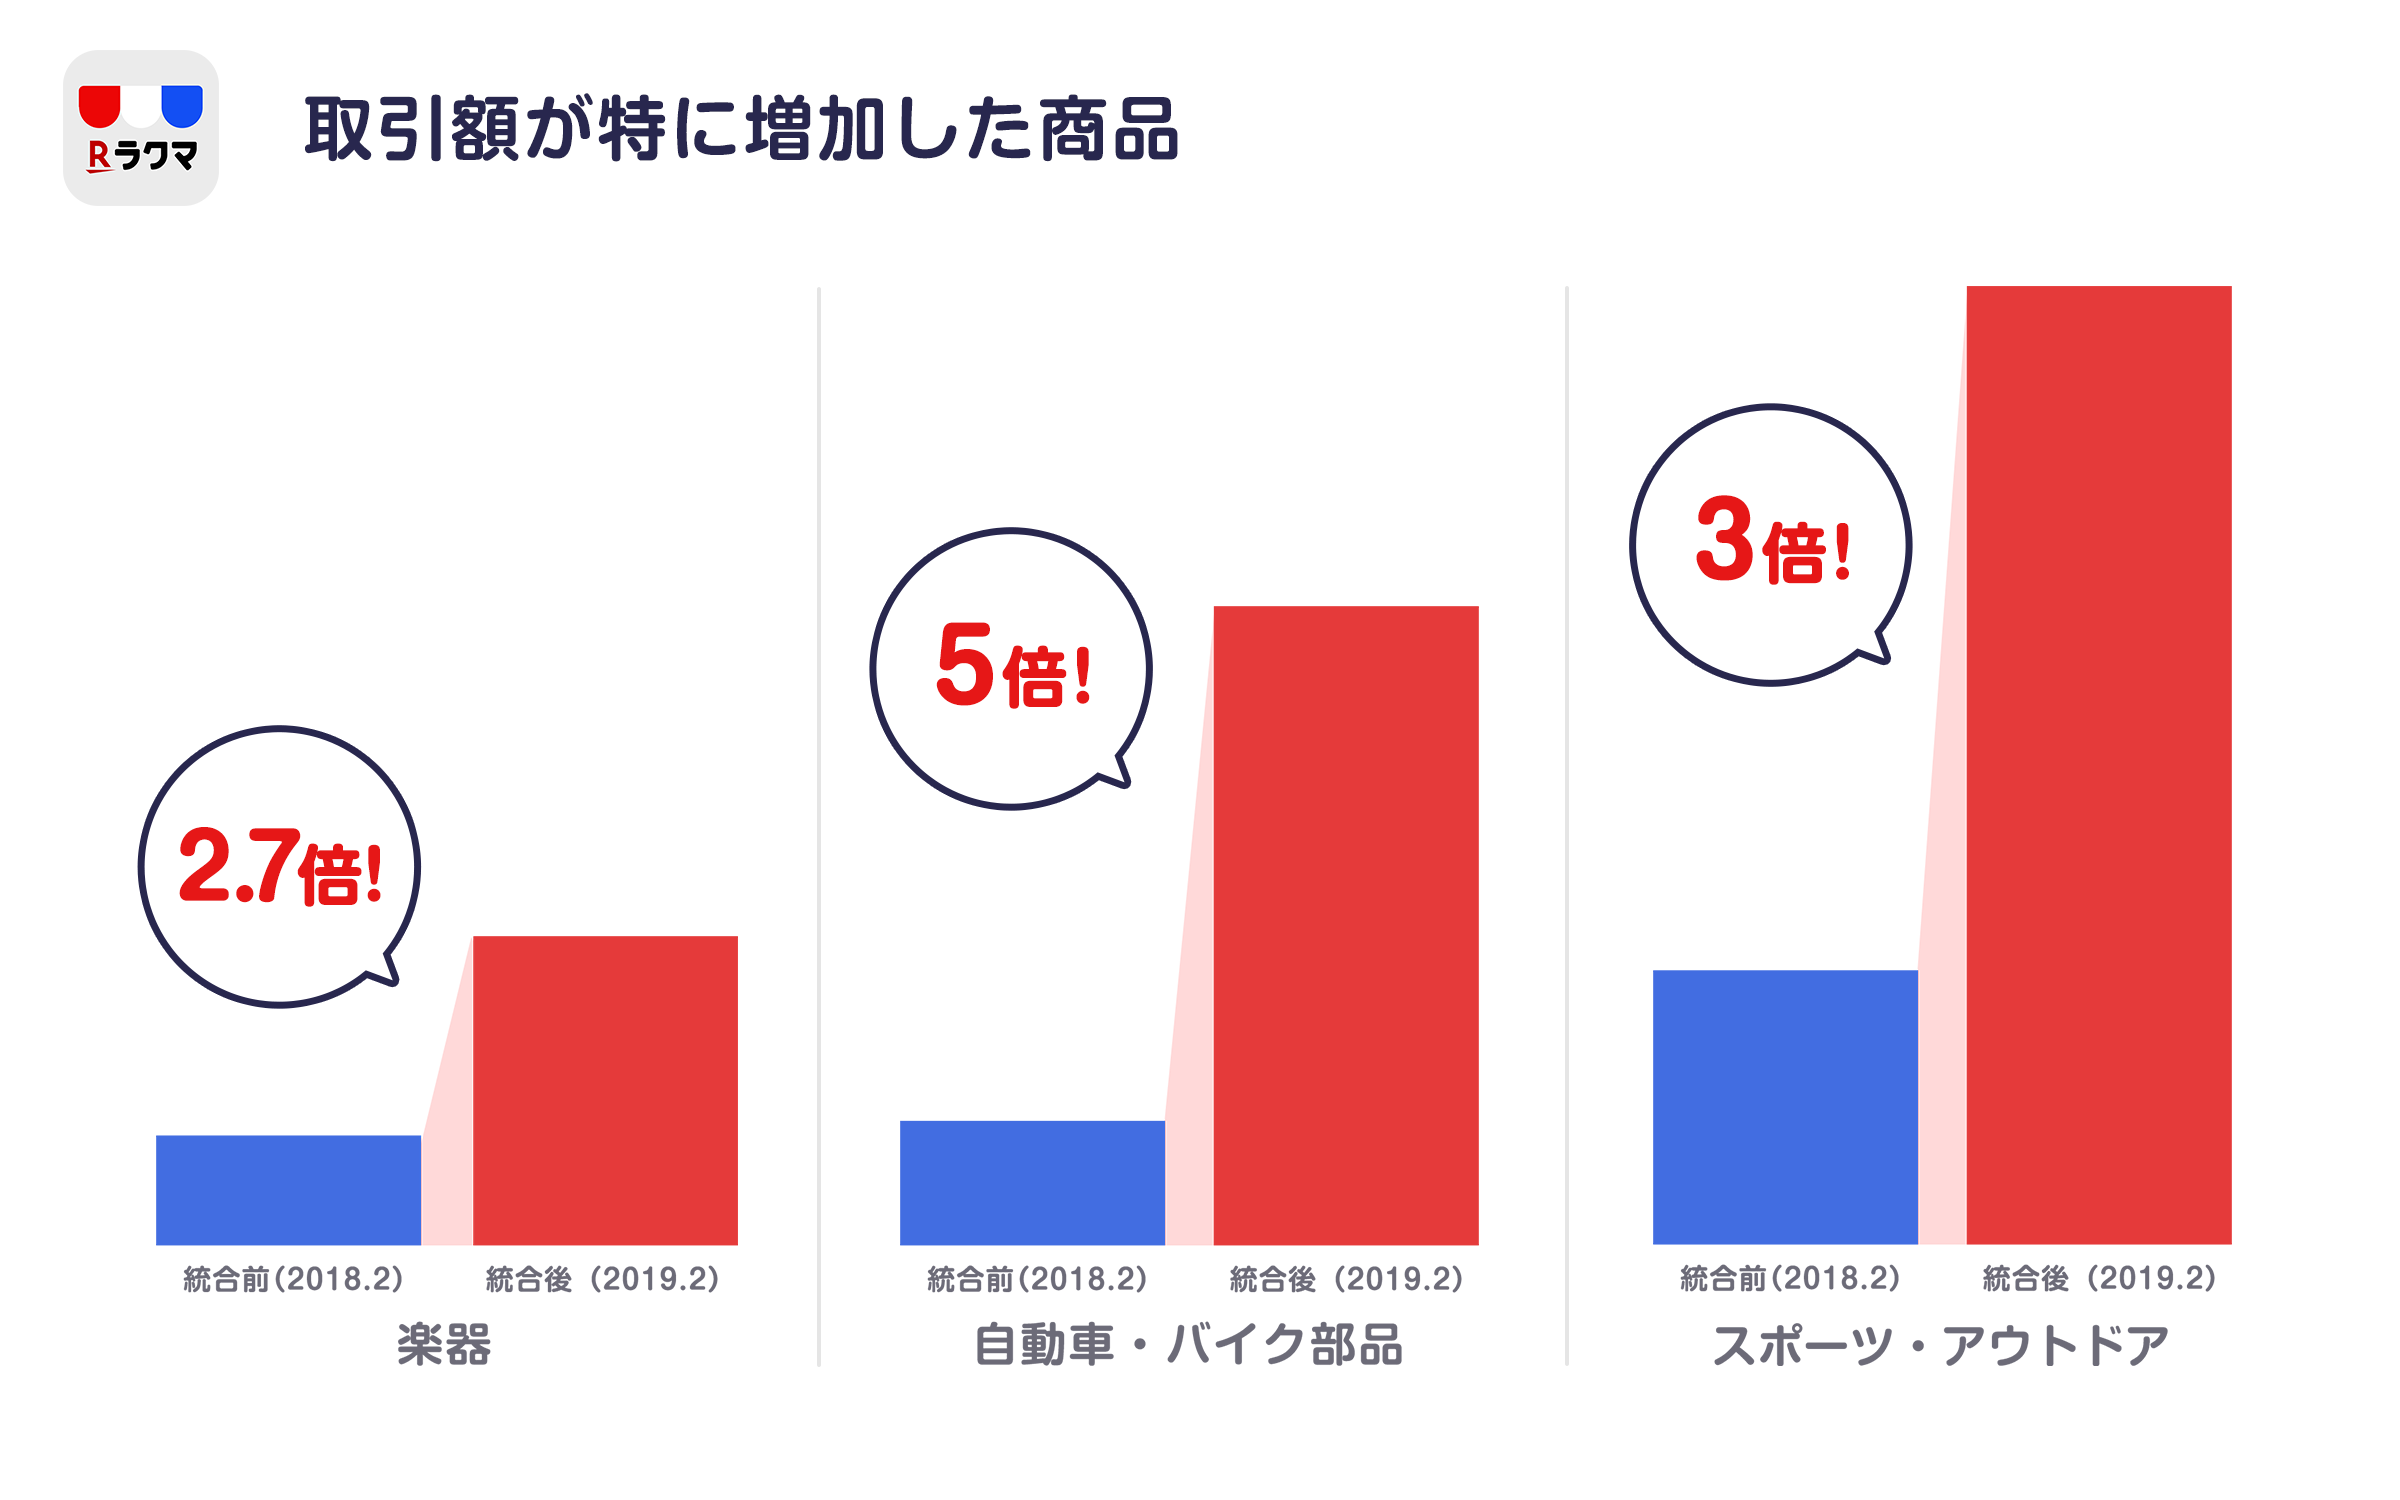 4.取引額が特に増加した商品